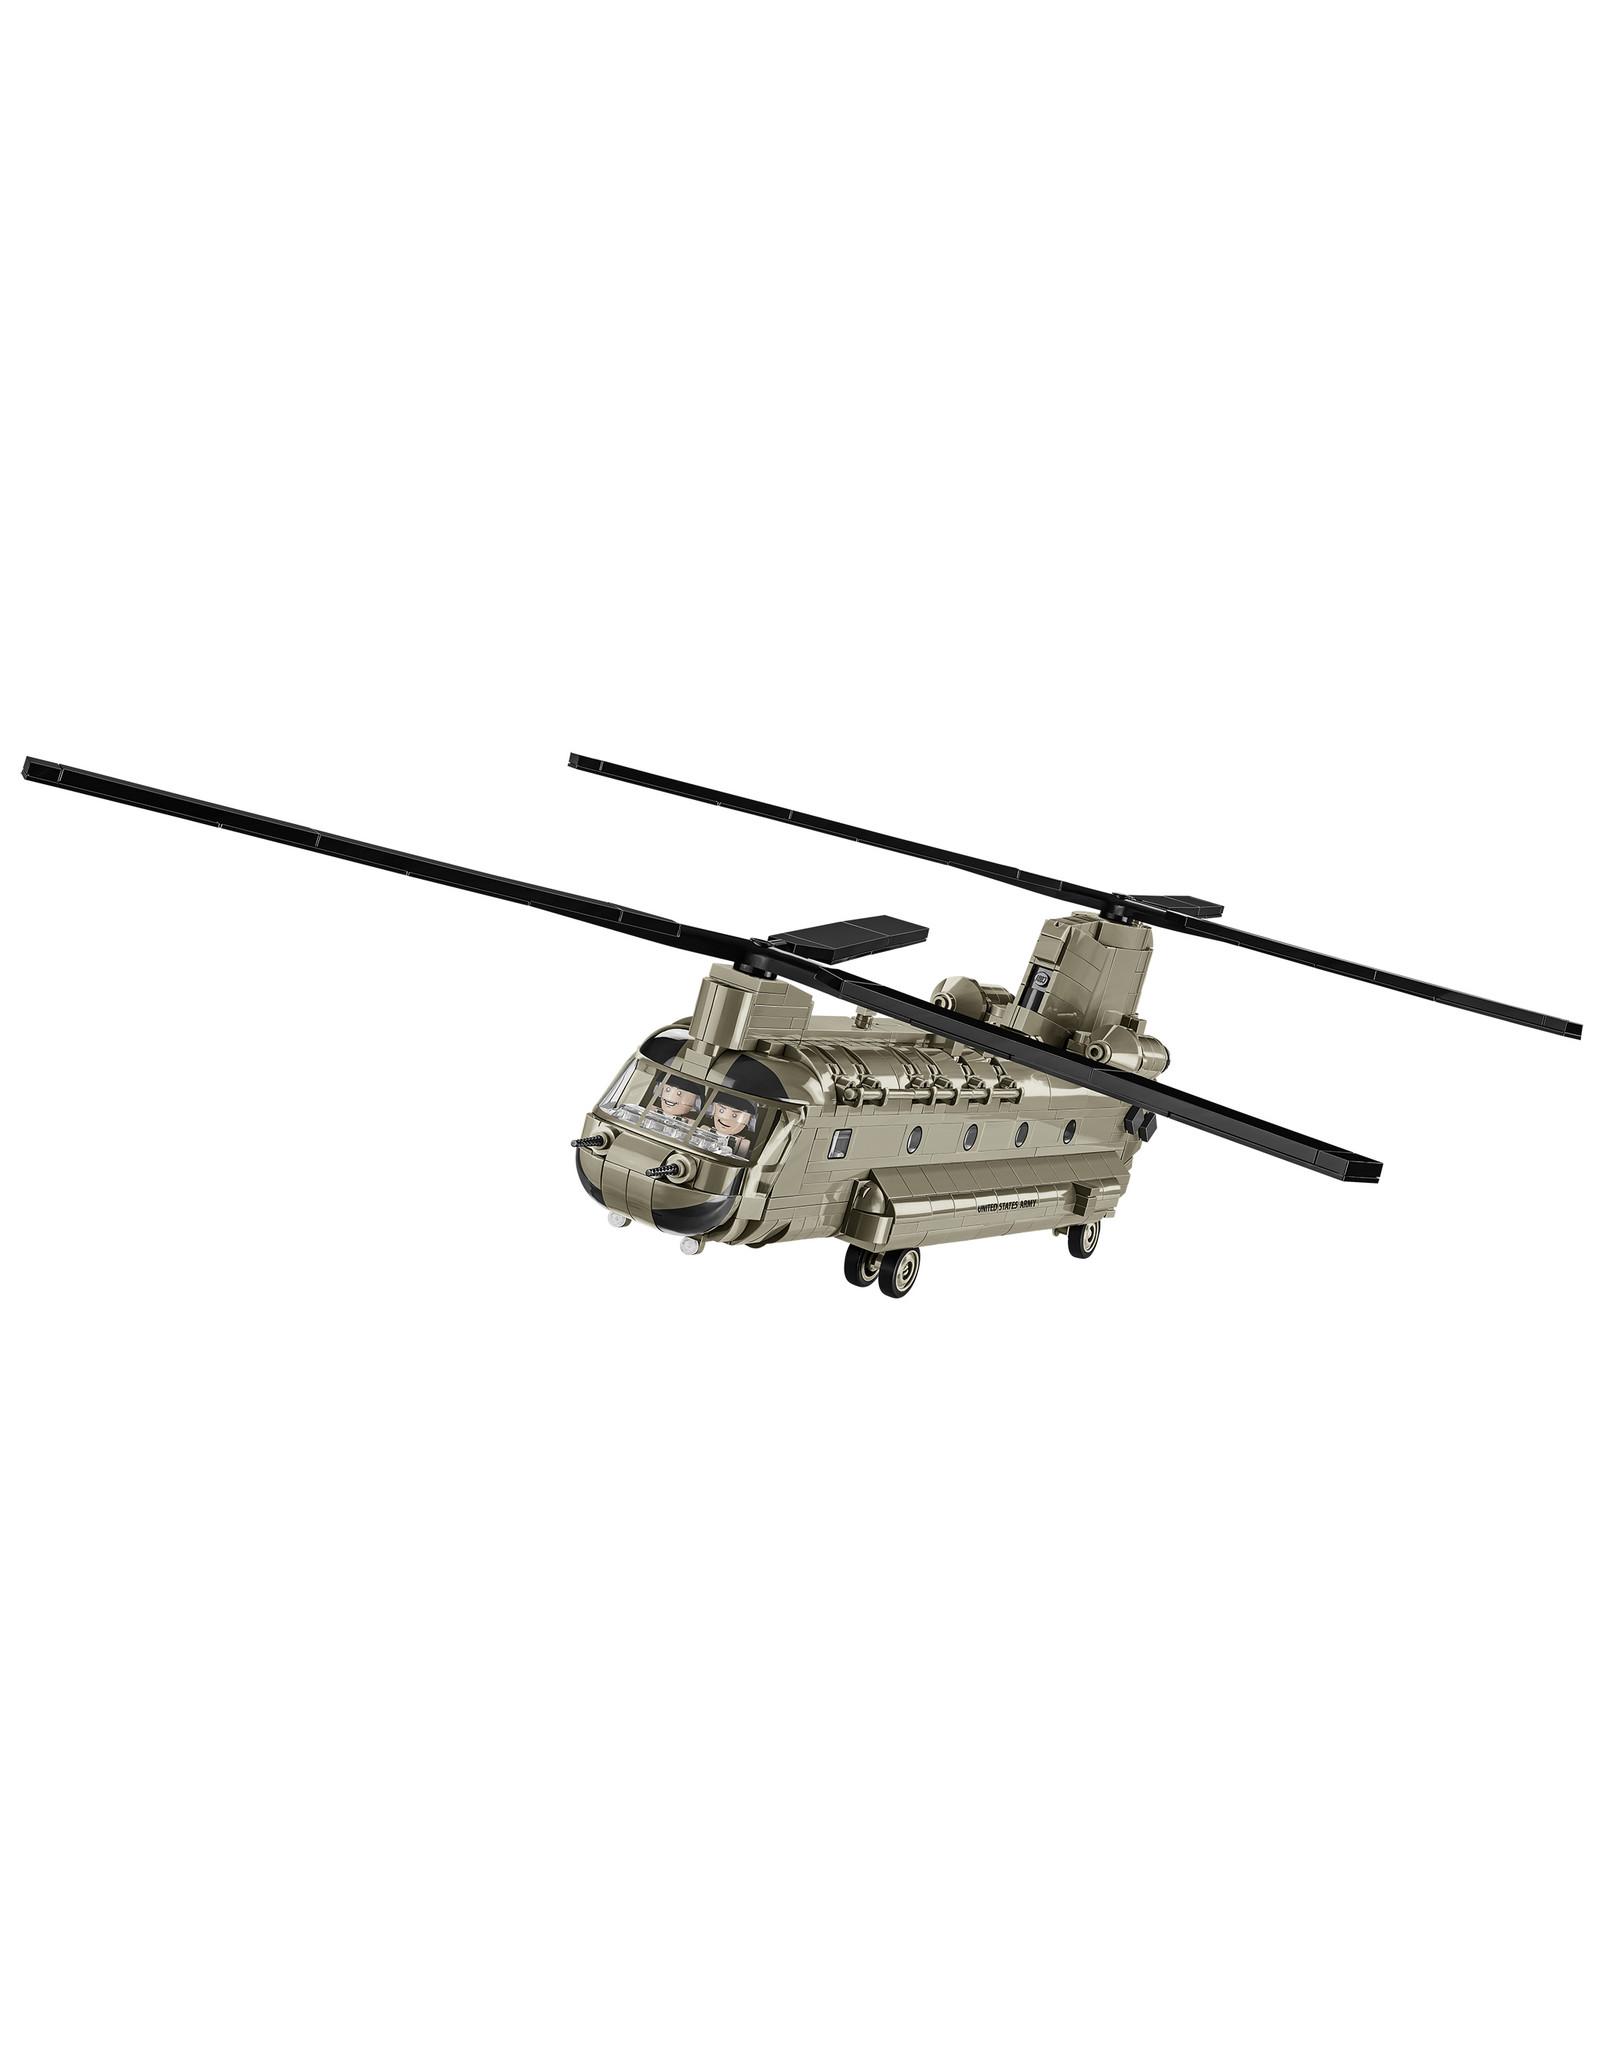 COBI COBI 5807 CH-47 Chinook